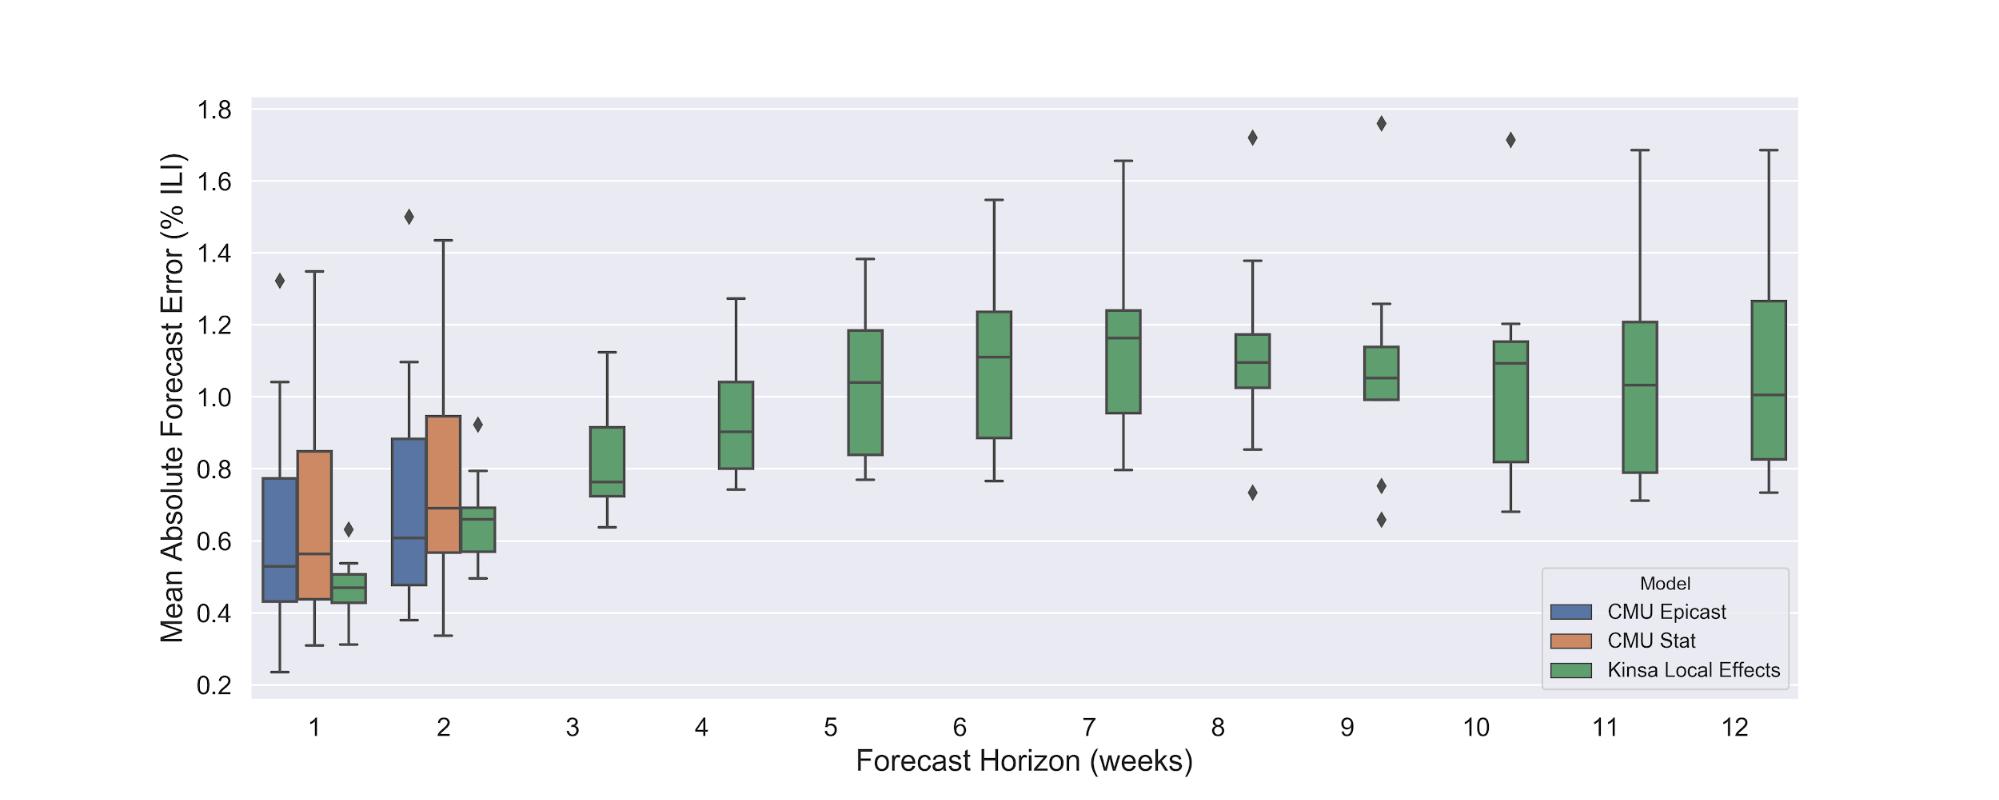 Forecast Horizon (weeks)